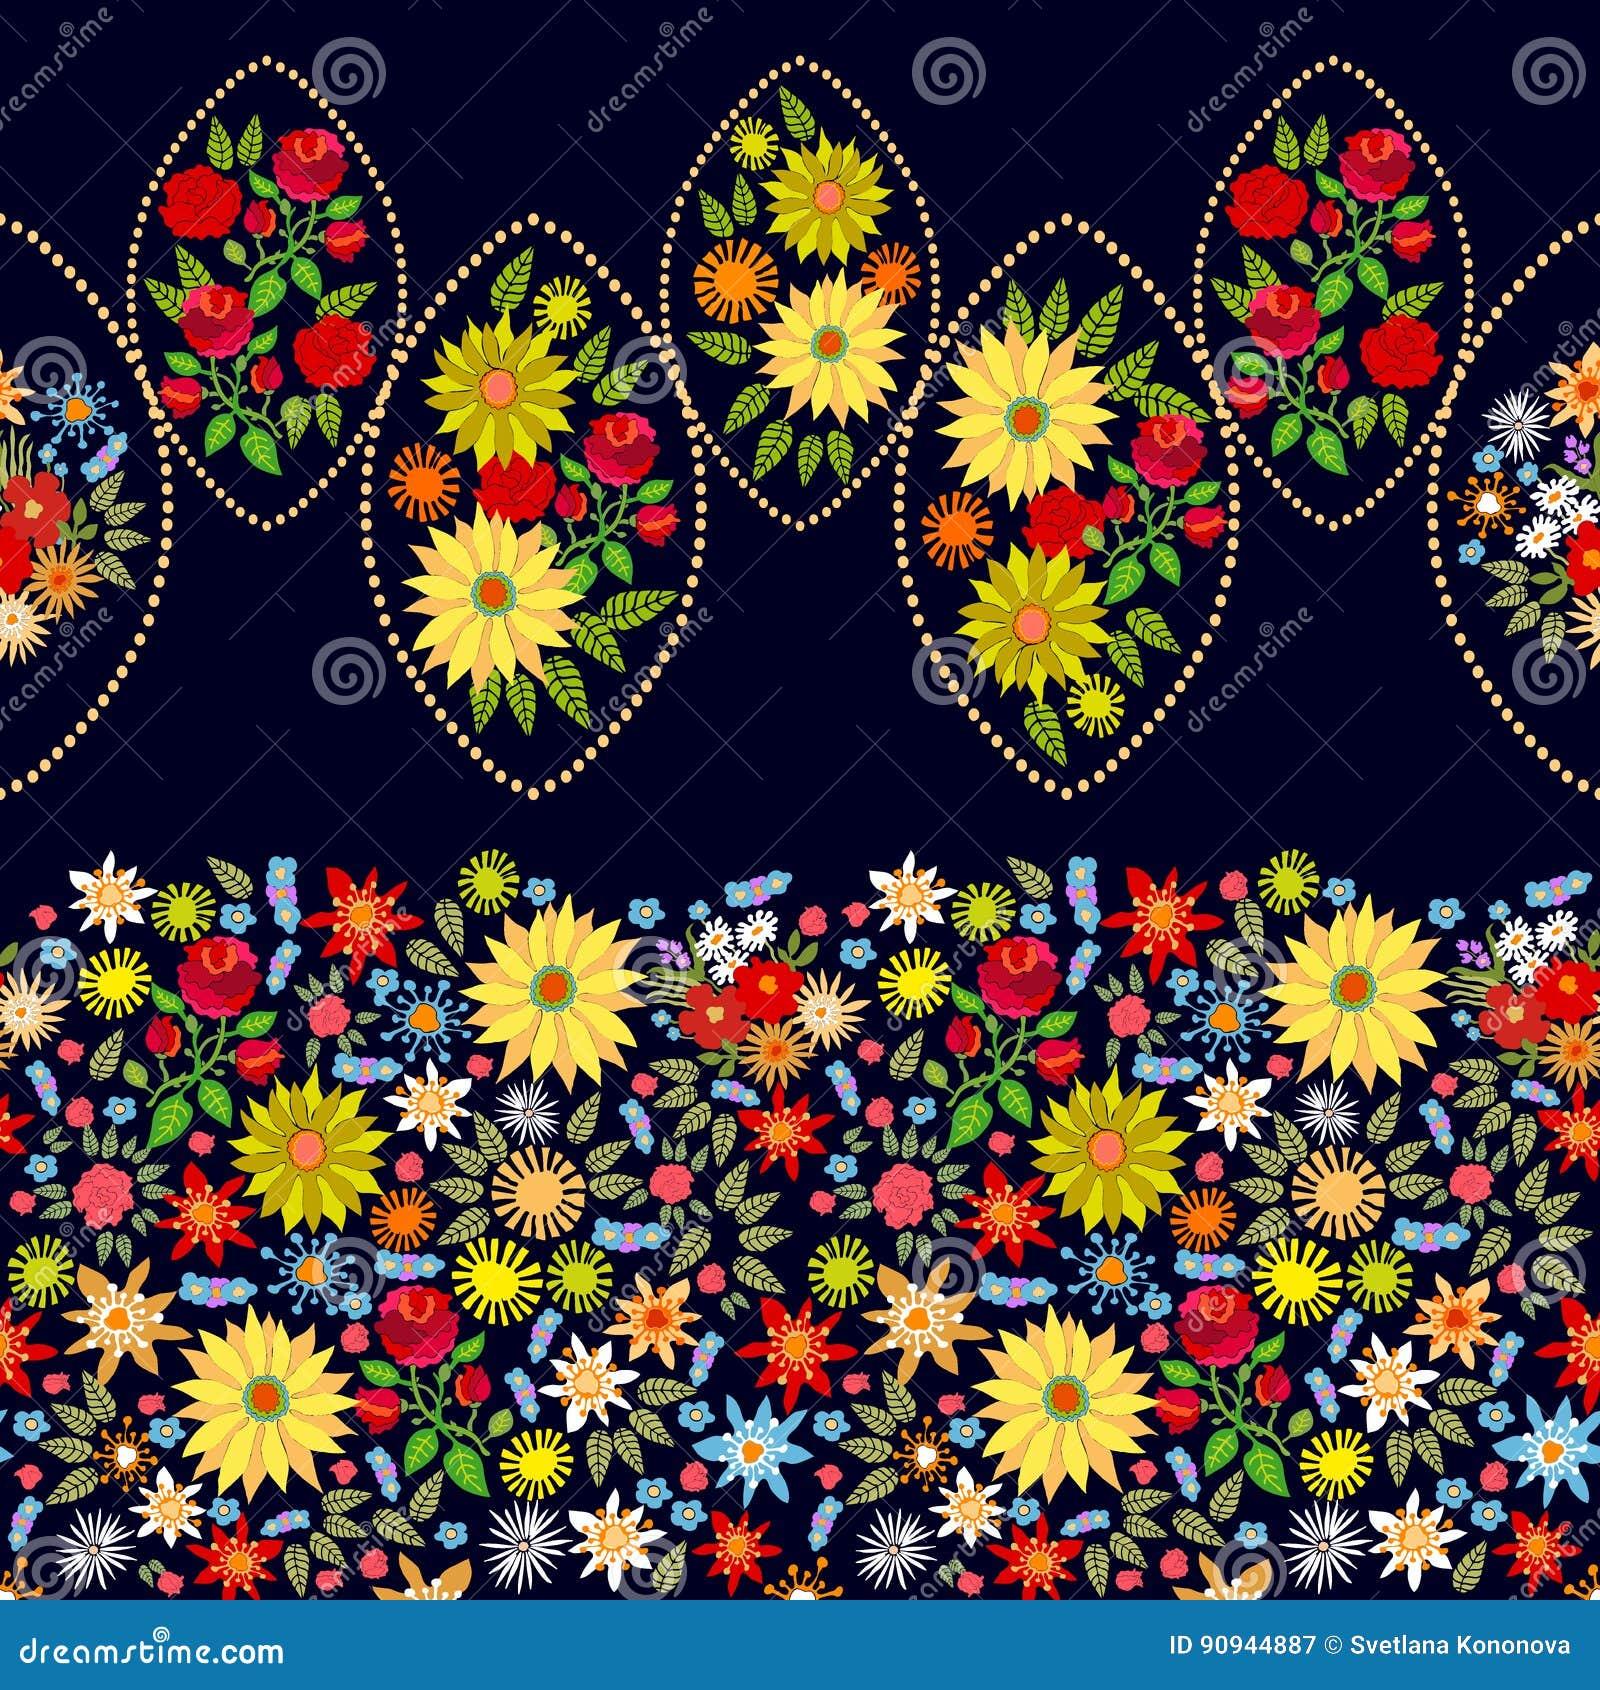 design likewise spanish - photo #8